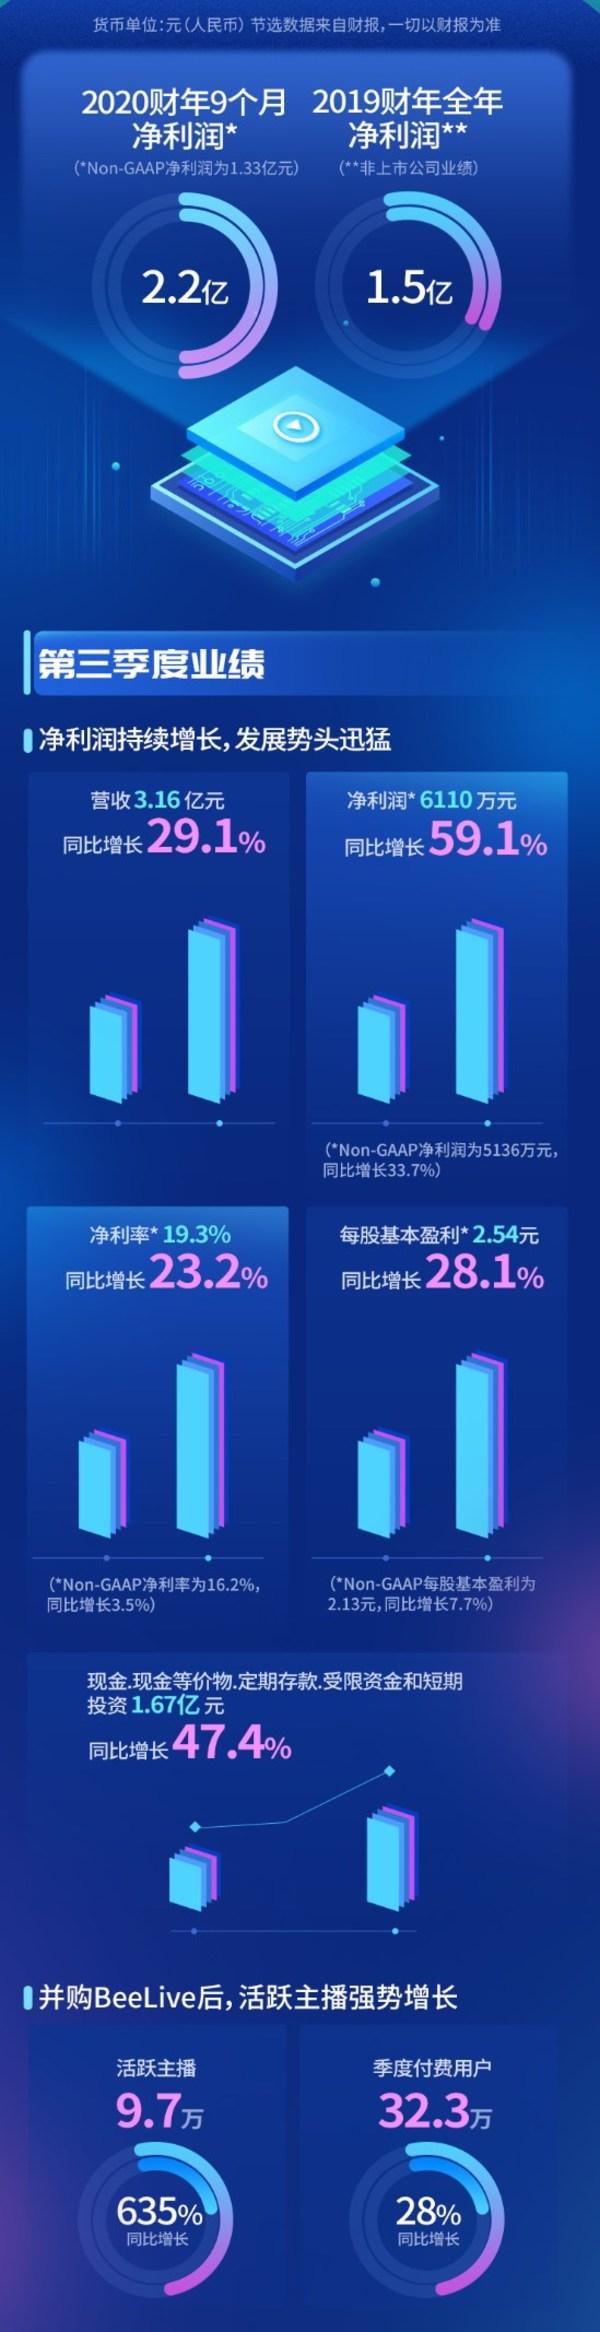 思享无限(NASDAQ: SJ)Q3净利润增长59.1%,全年营收势破10亿